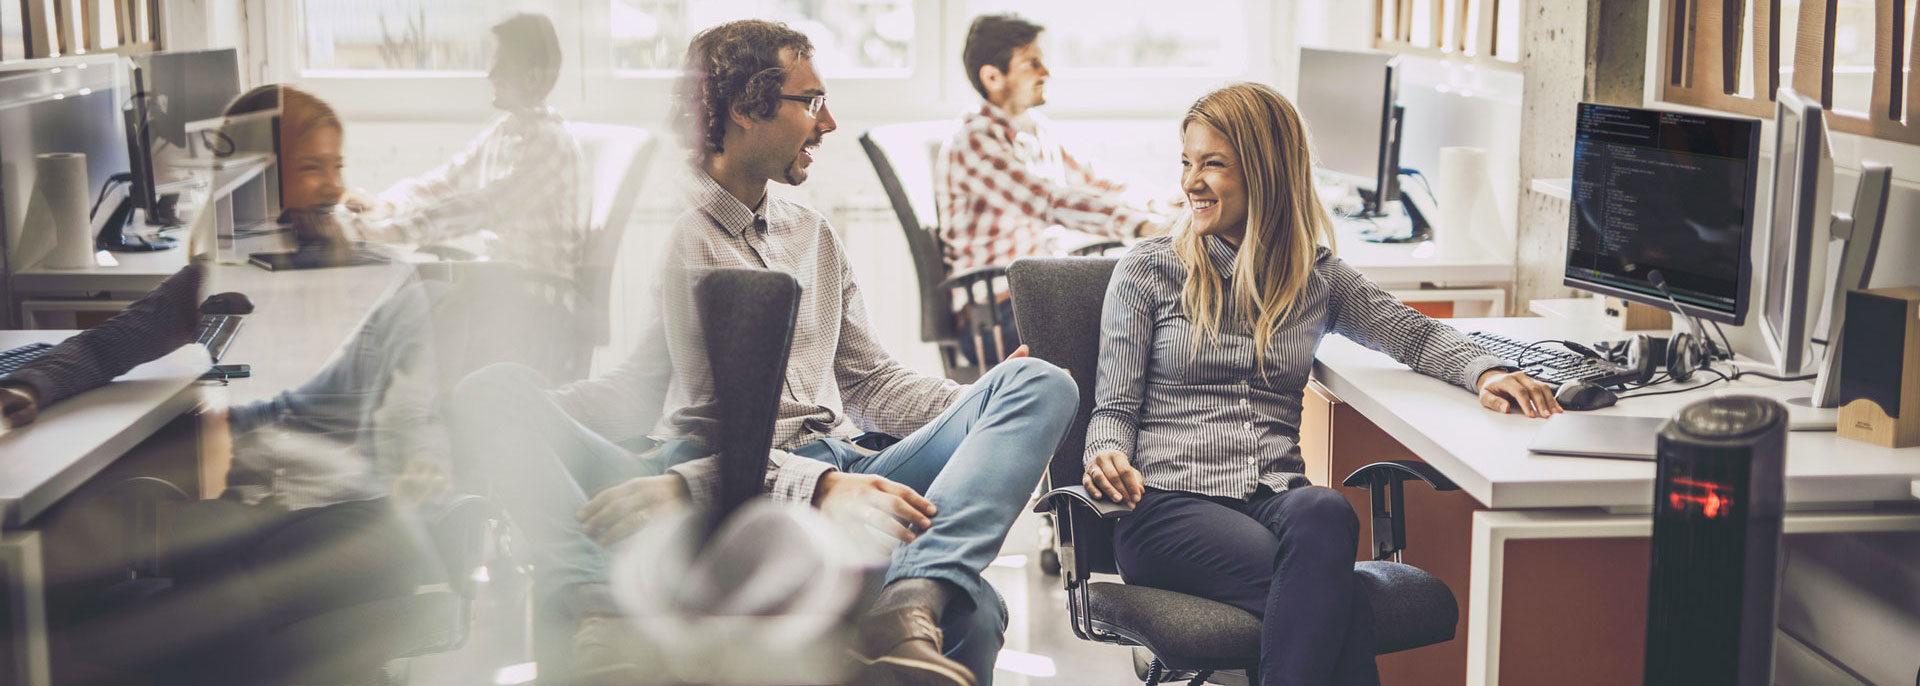 Envoyer votre CV Emploi Connexion - Créer votre profil